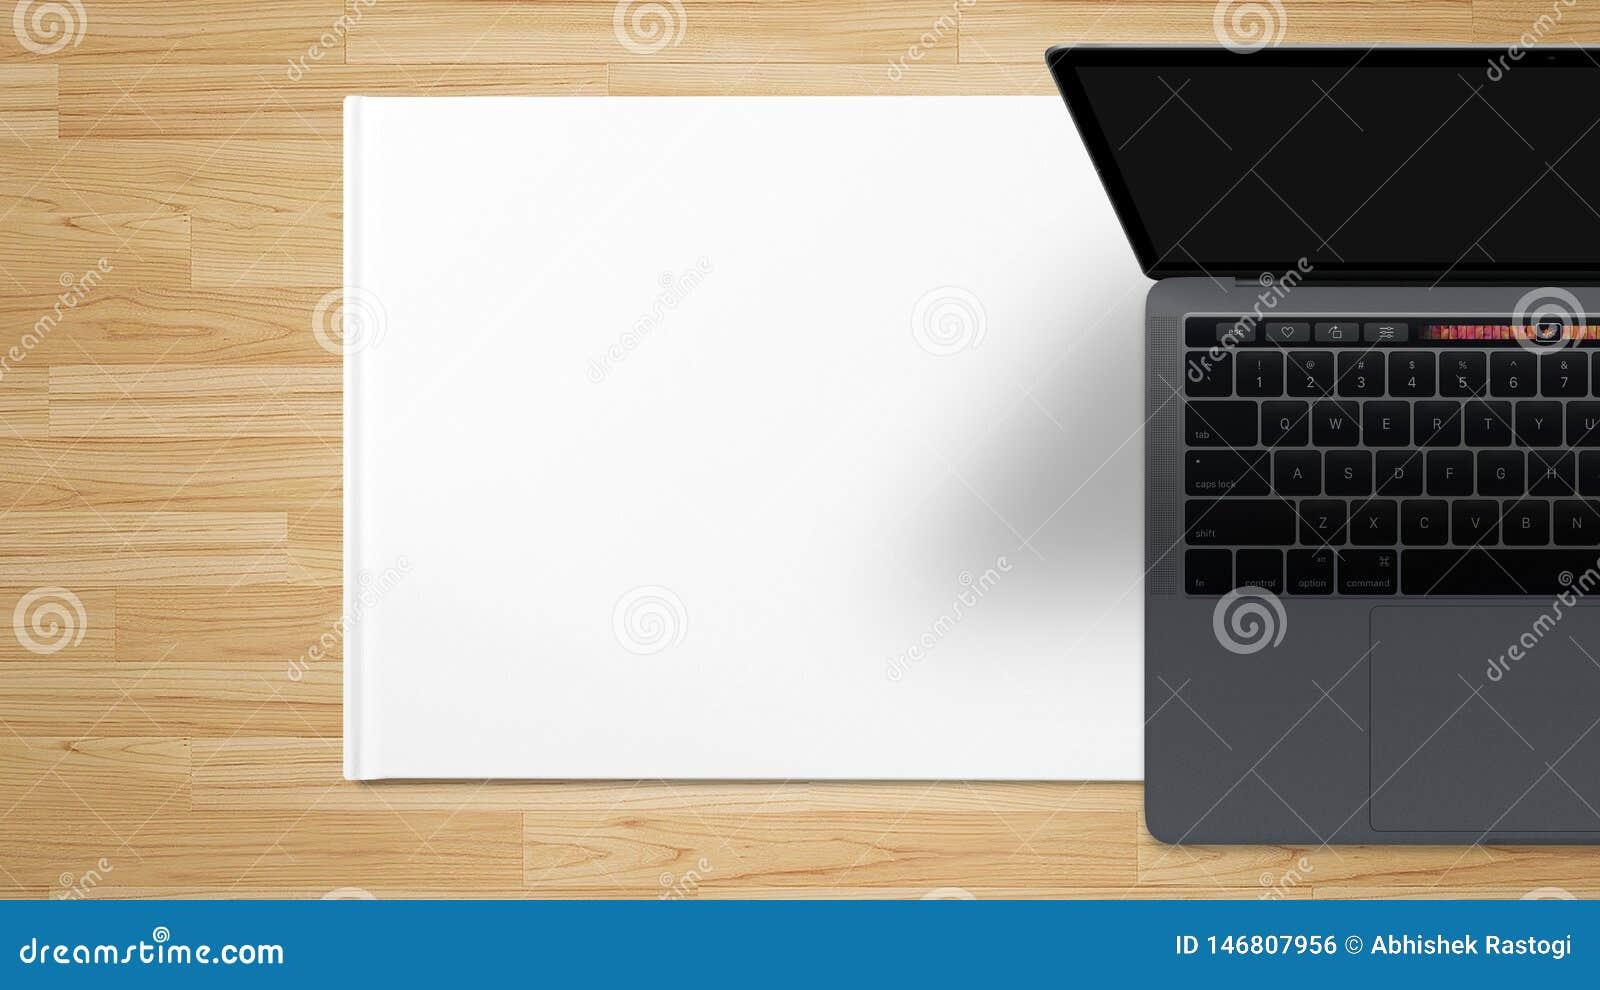 Bakgrund för tabell för arbete för tom skärm för bärbar datordator trä- materielbild